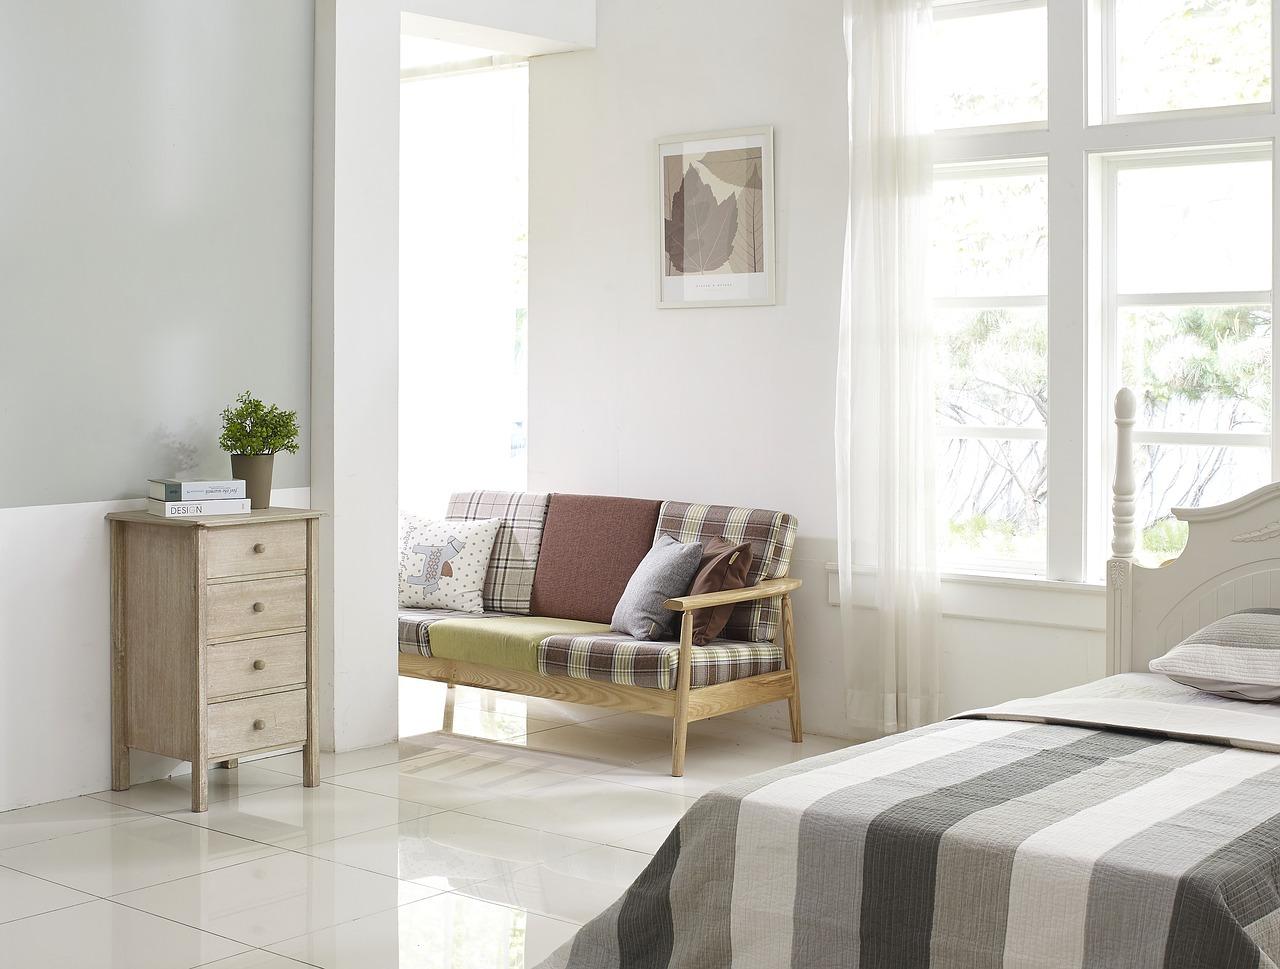 Scegliere i colori giusti per le pareti della camera da letto